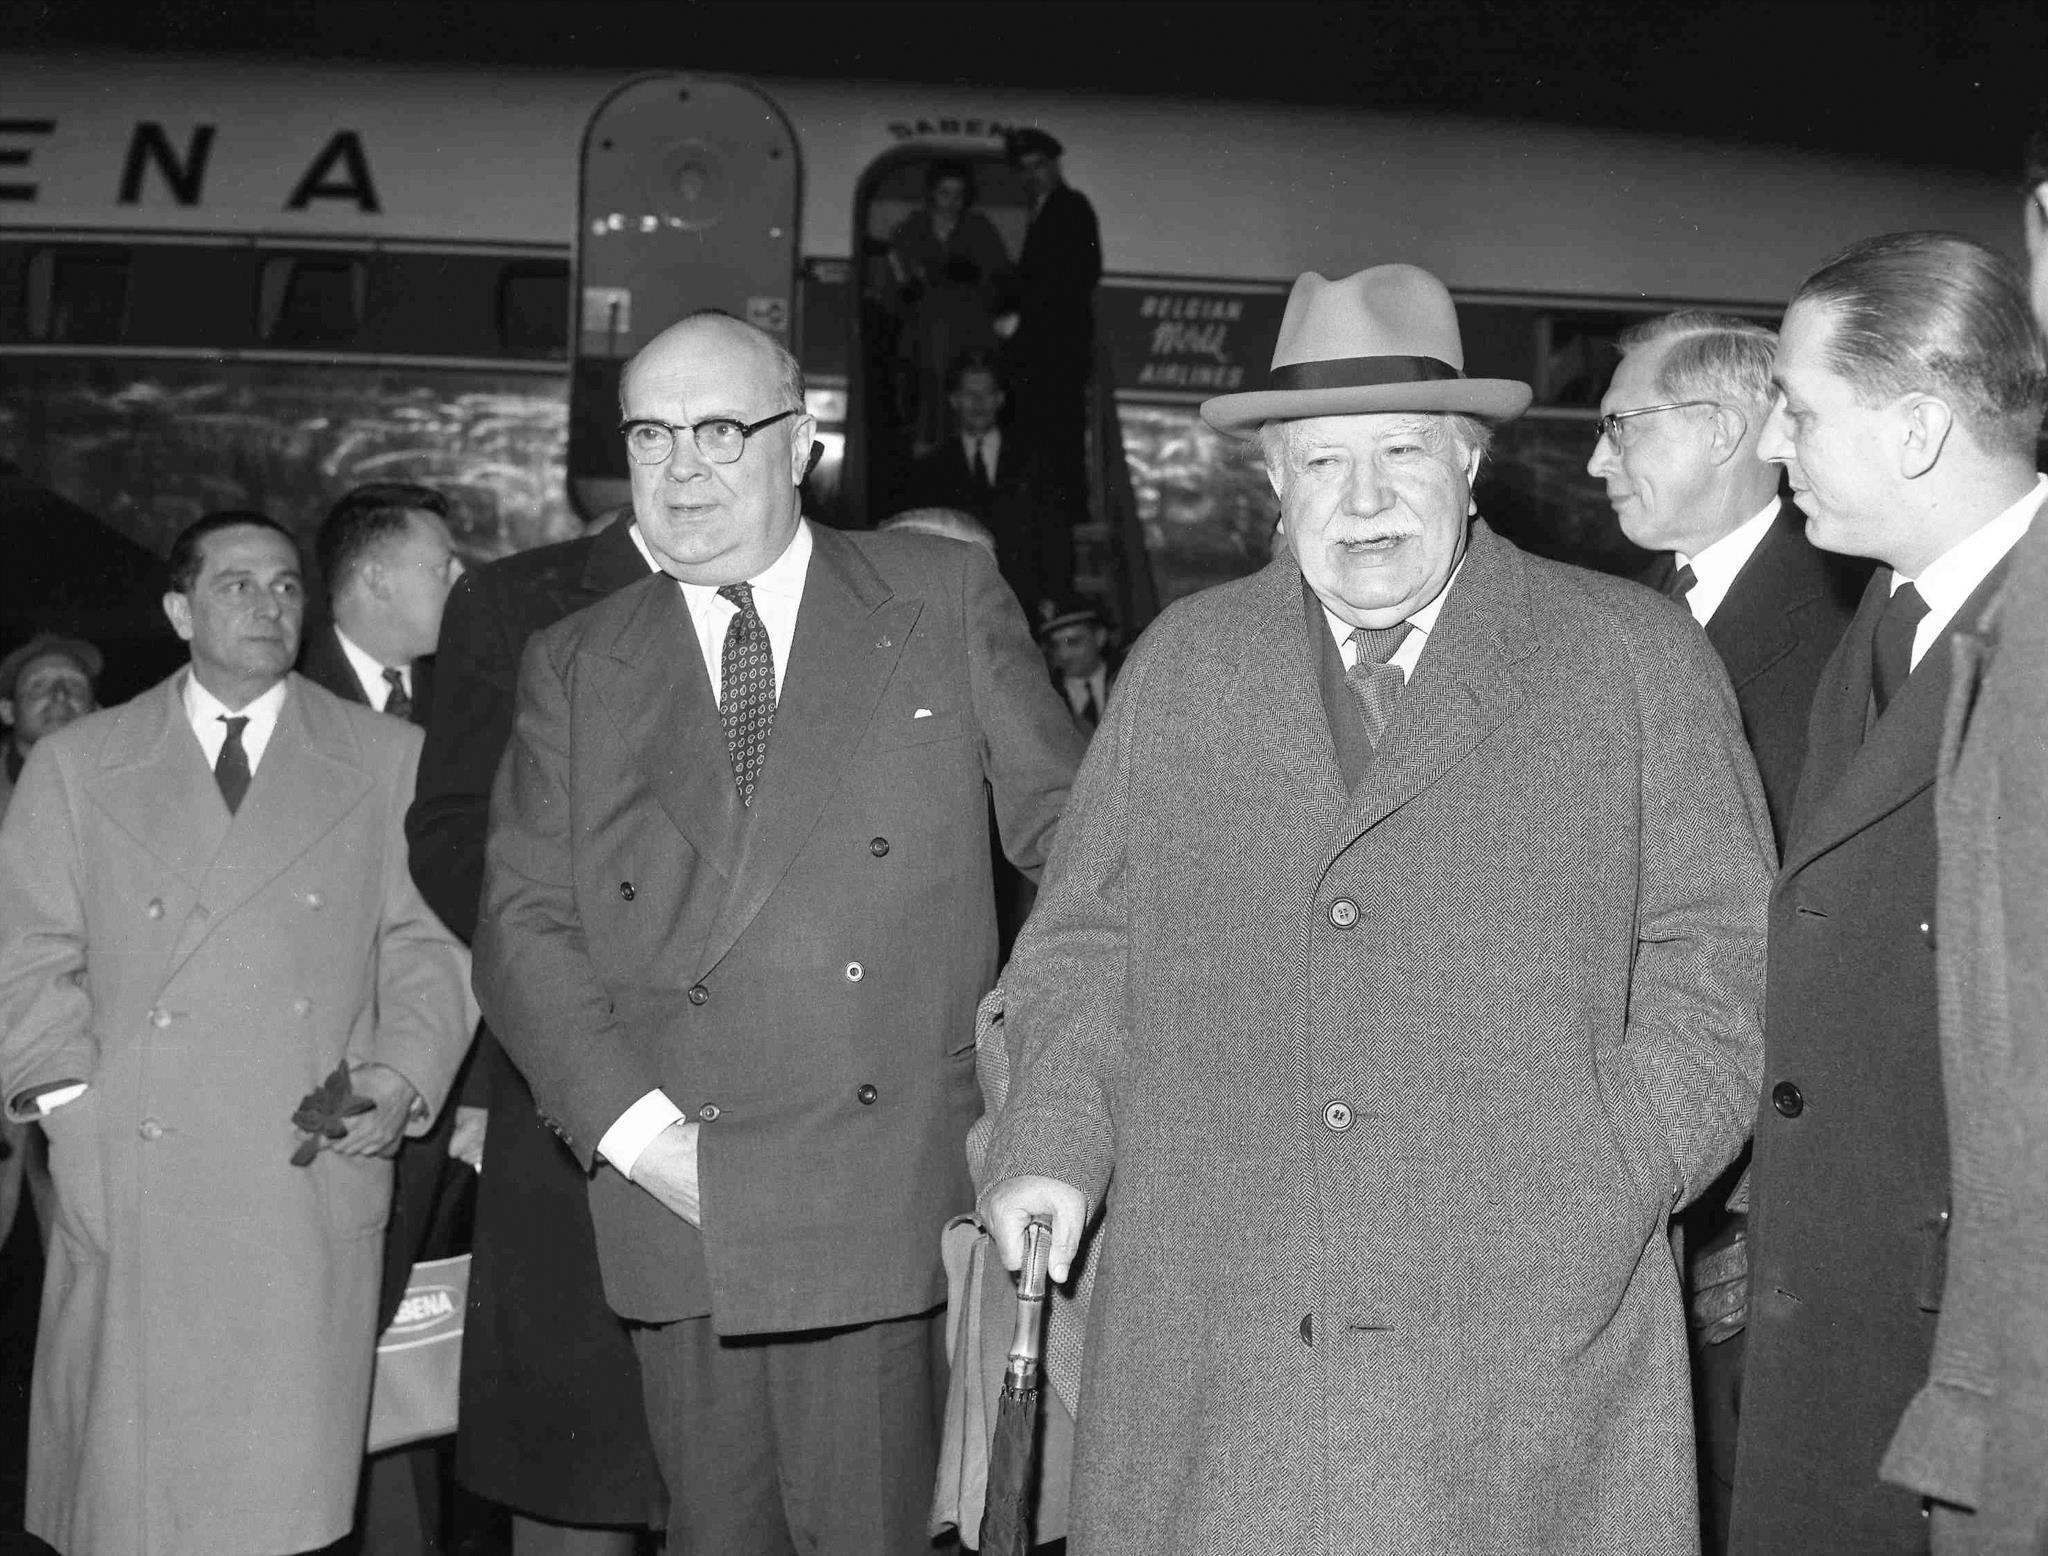 Paul-Henri Spaak, à esquerda, e Joseph Bech, de chapéu, na chegada ao aeroporto Ciampino em Roma